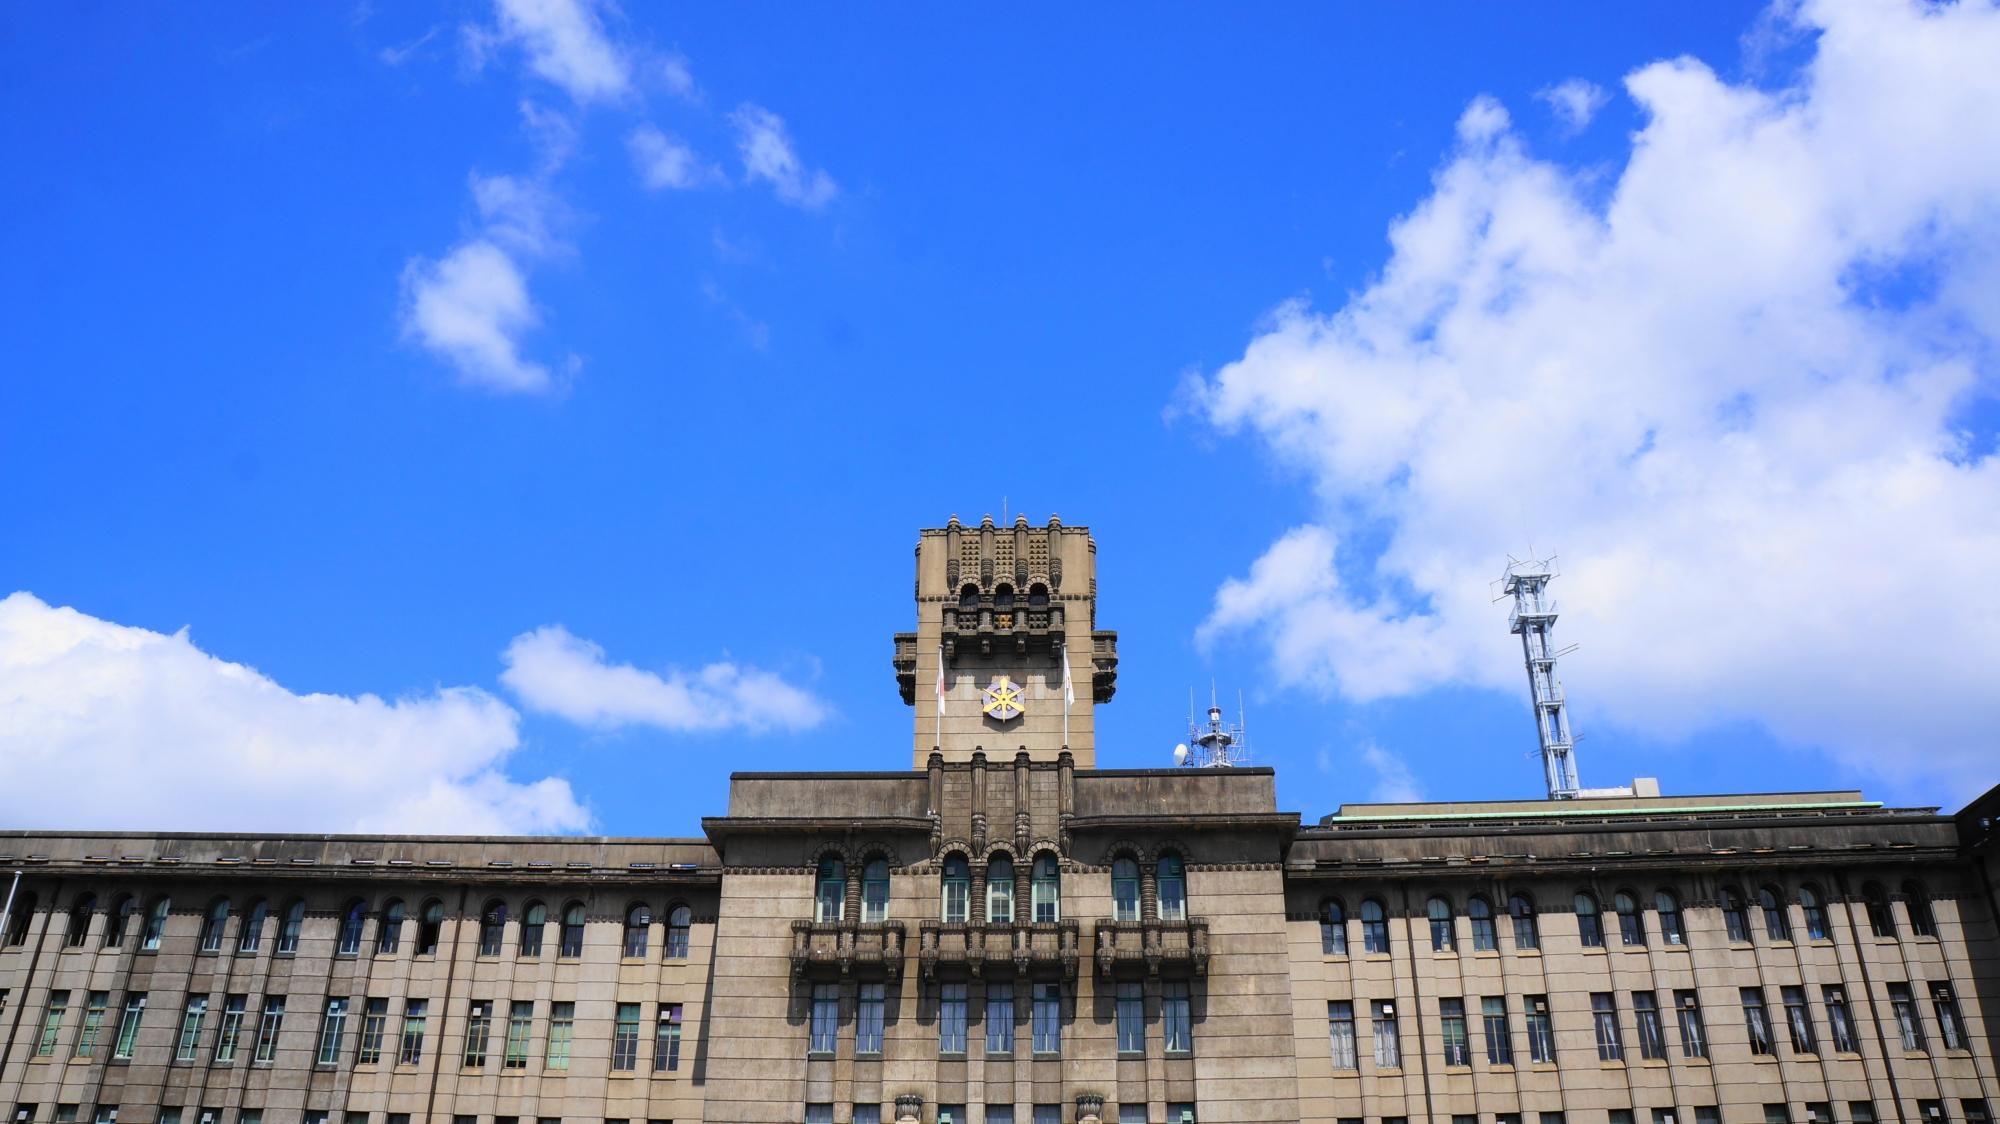 青い空に映える重厚な近代建築の建物